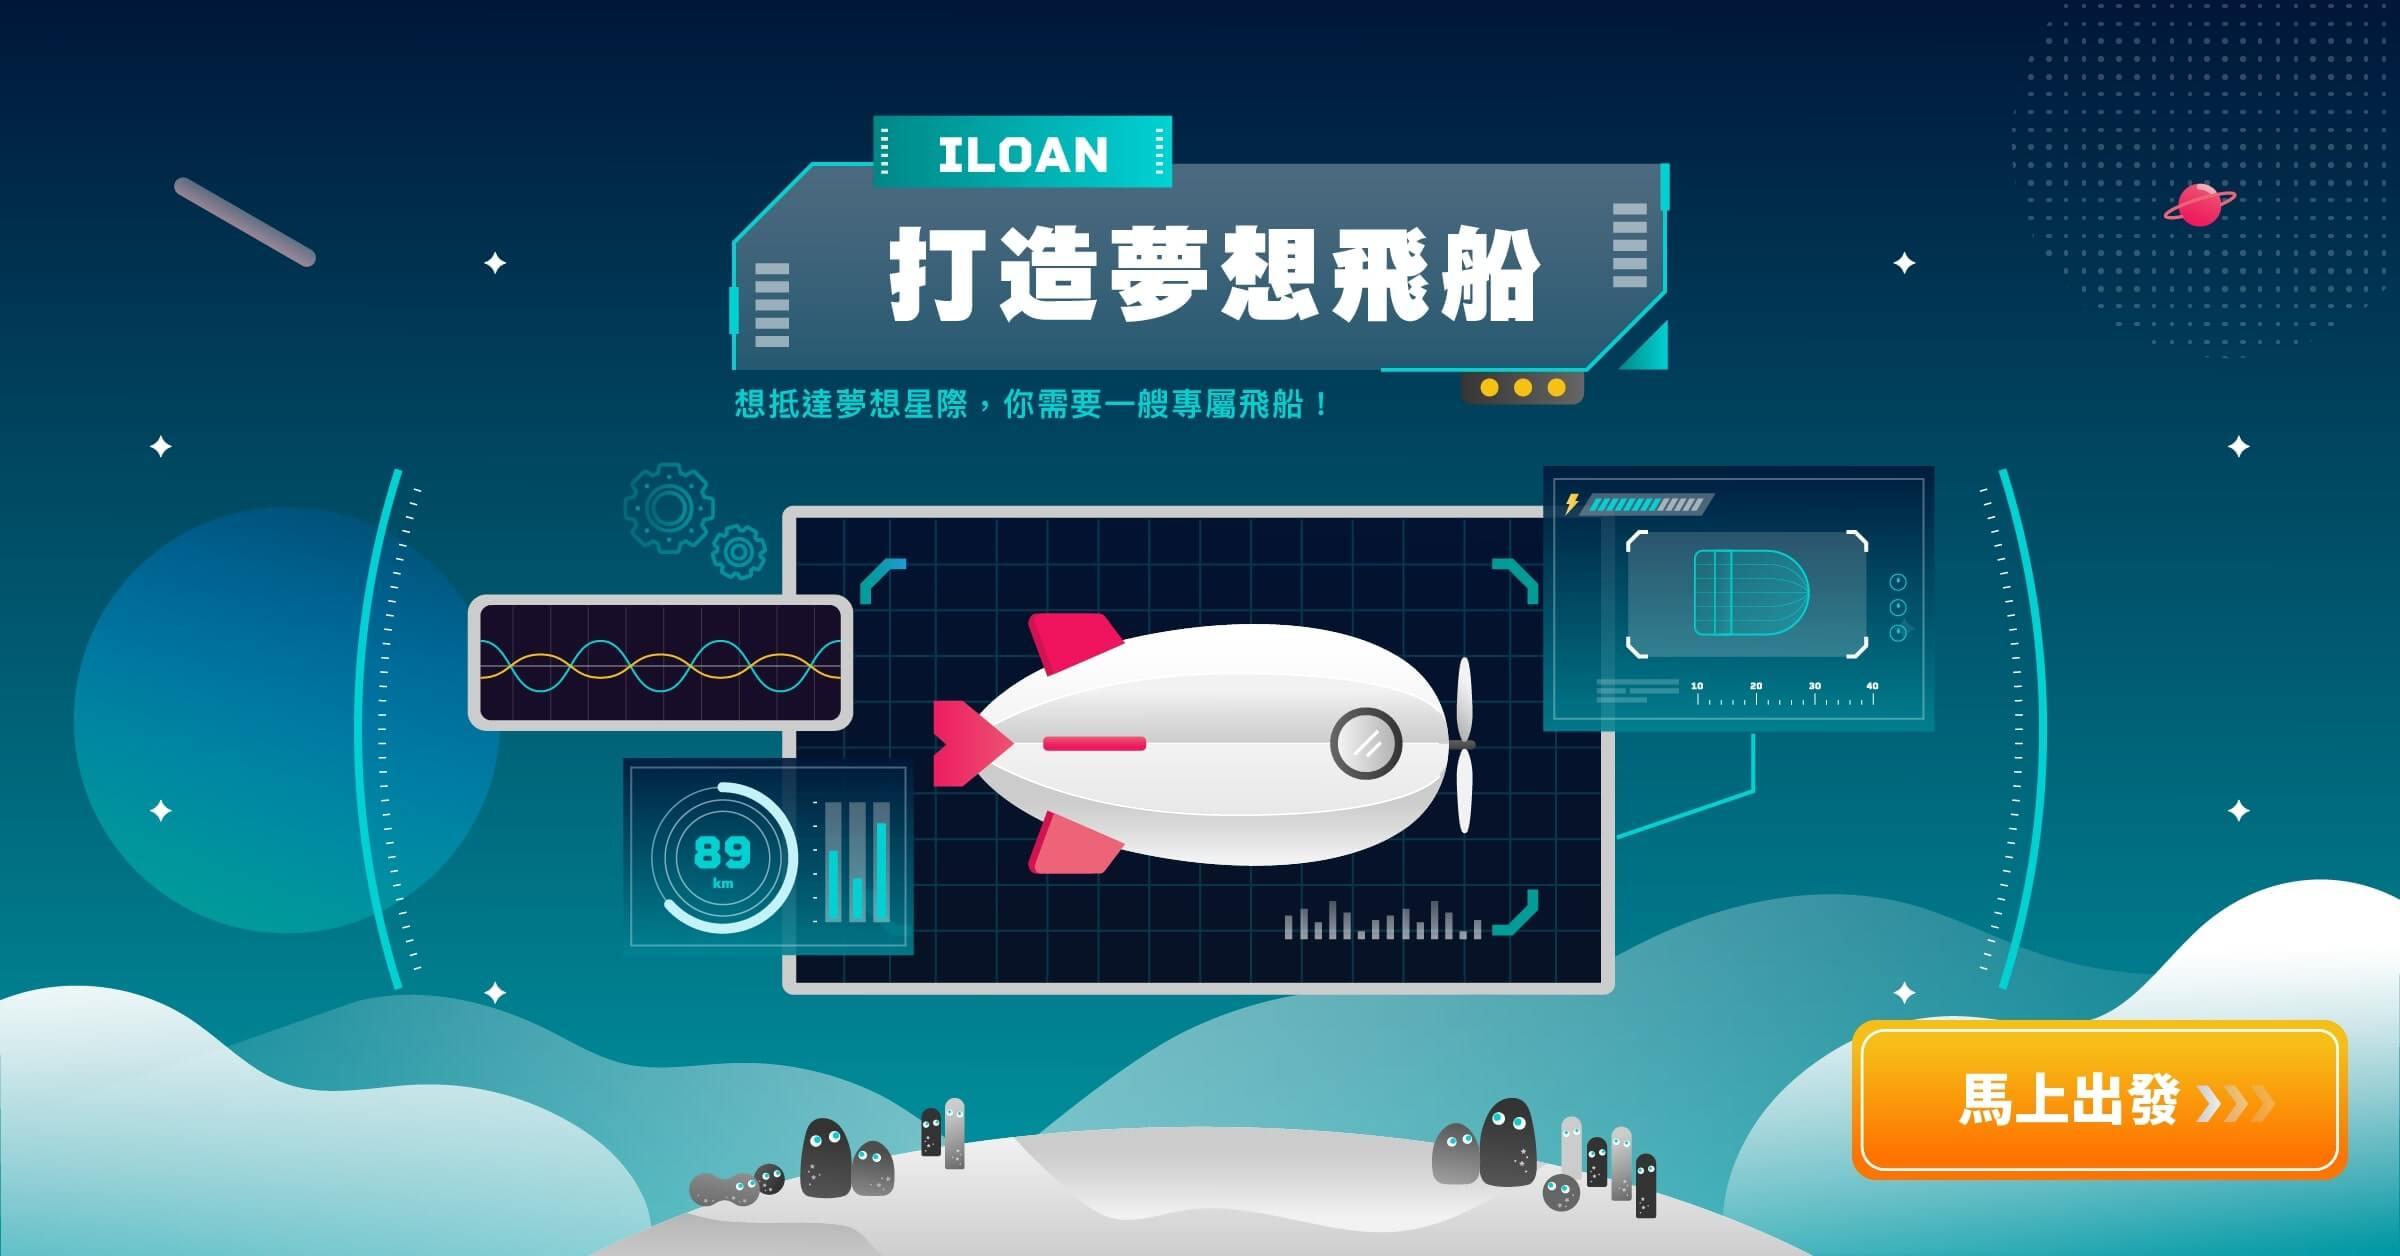 iLoan打造夢想飛船-台新銀行